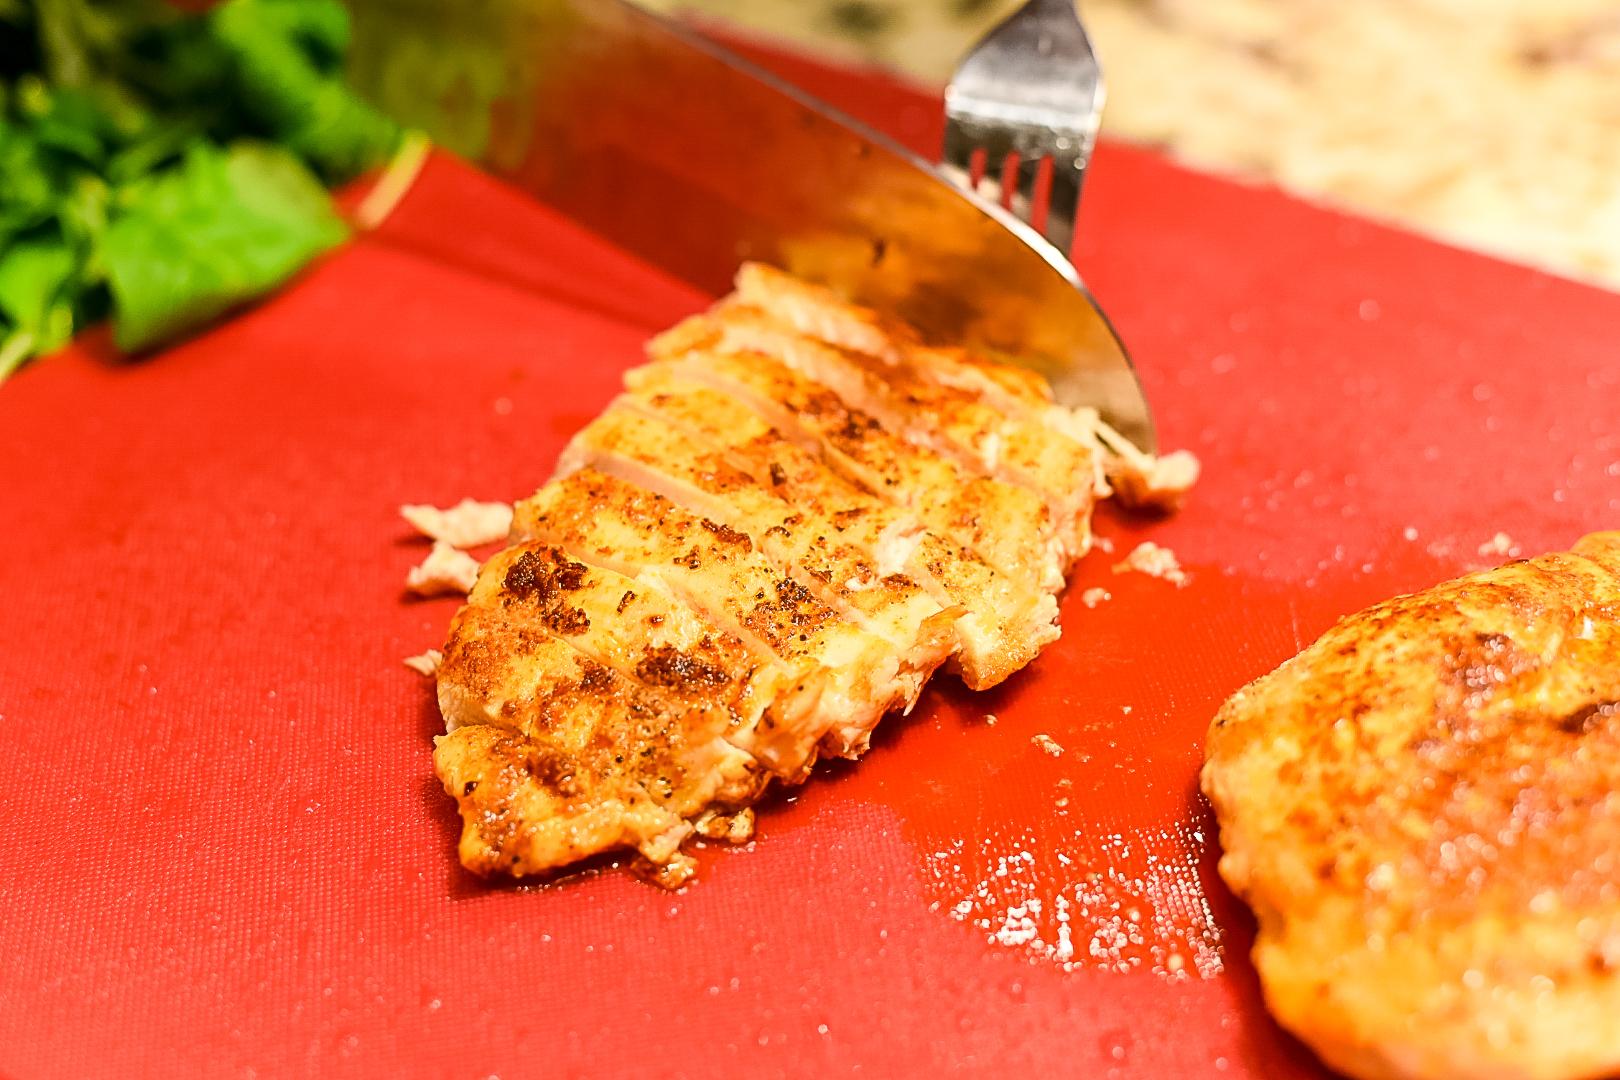 Slicing grilled chicken